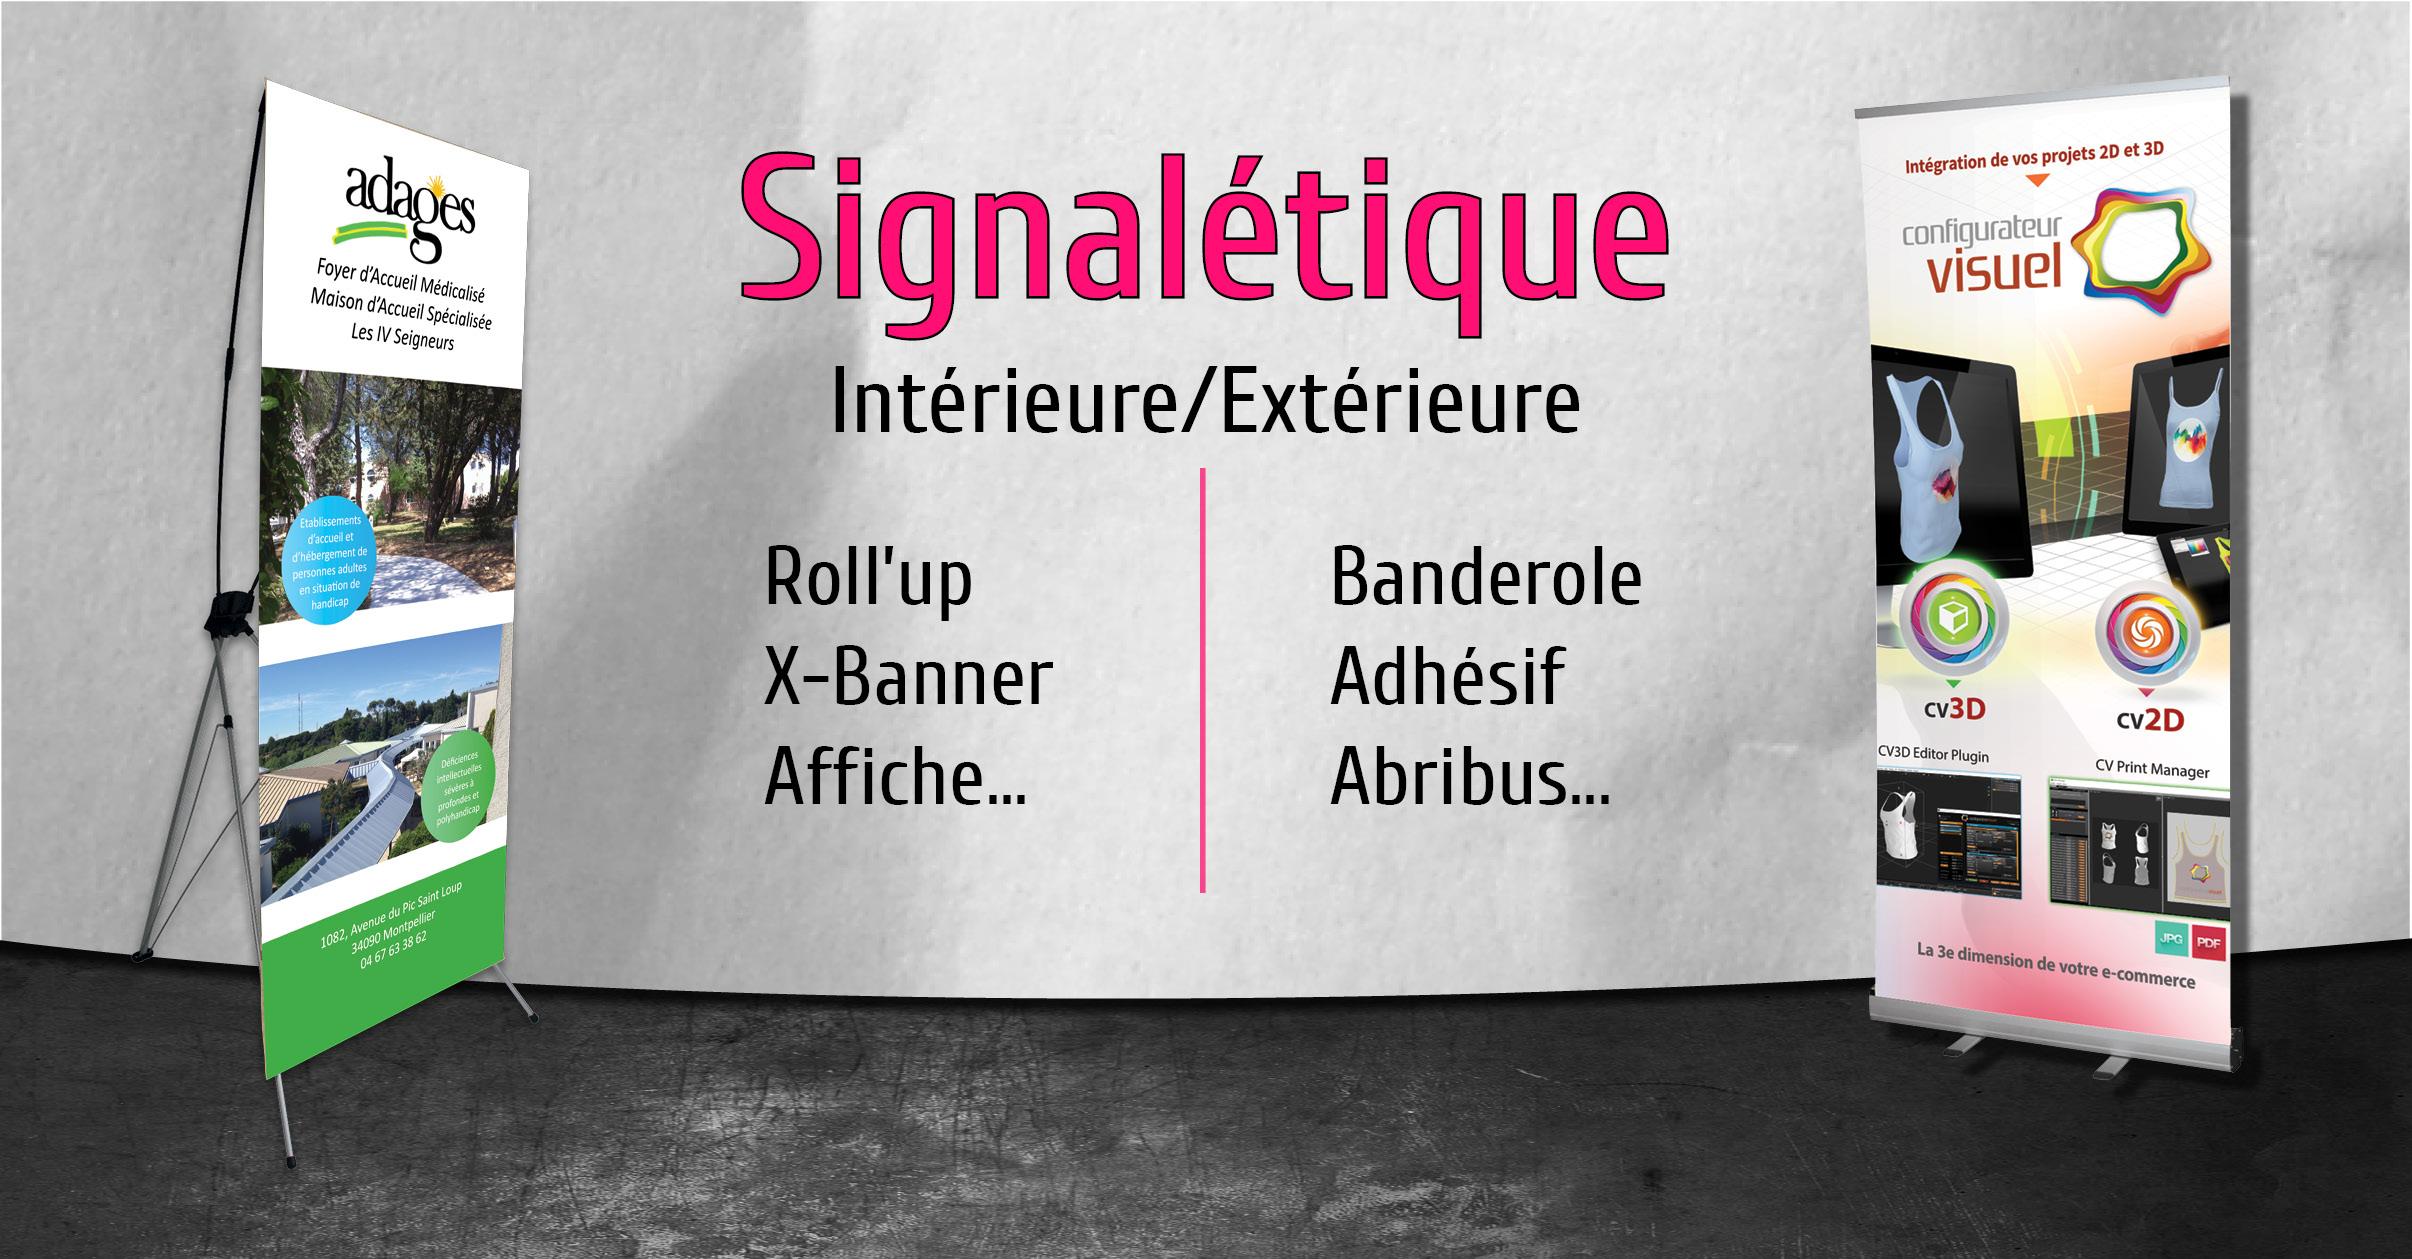 Signalétique Intérieure & Extérieure